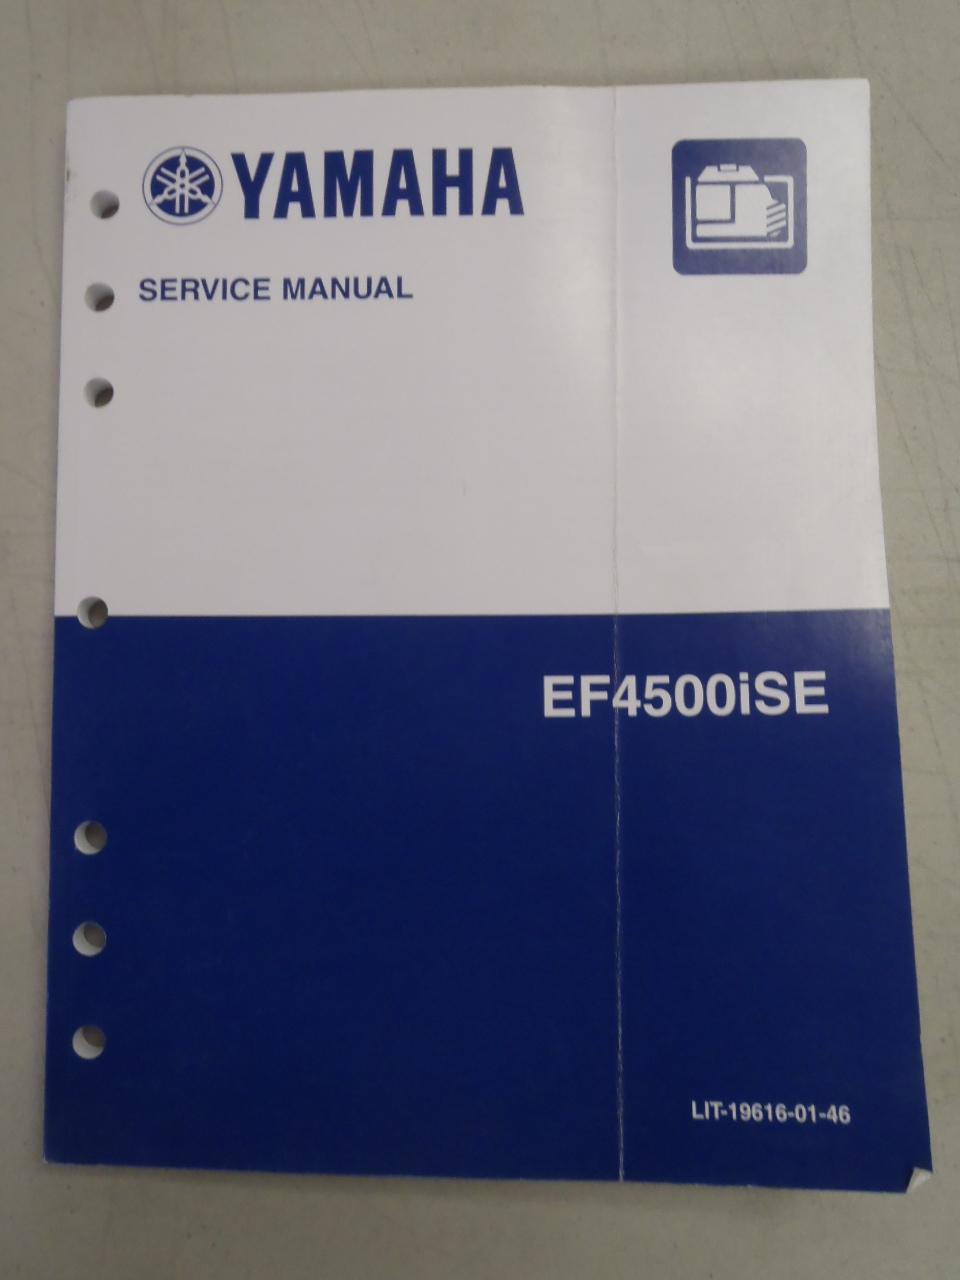 Used Yamaha EF4500iSE Generator Factory Service Manual LIT-19616-01-46